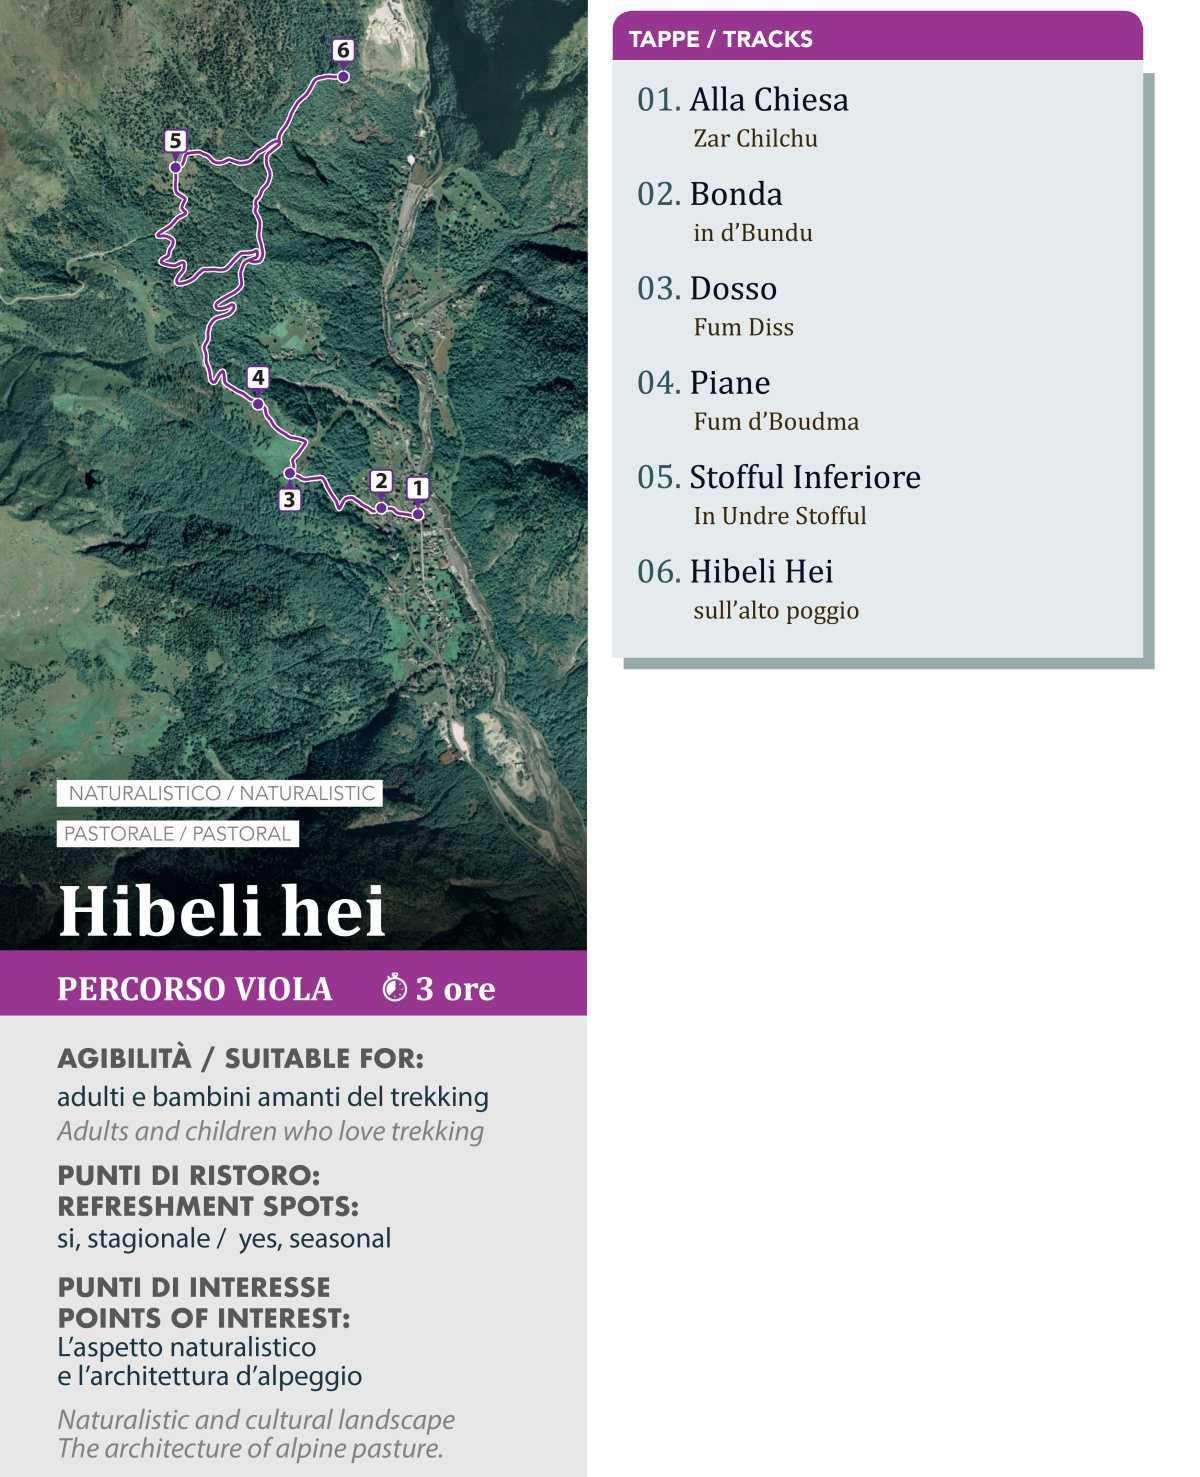 Giro delle Frazioni Hibeli Hei - Alagna Valsesia